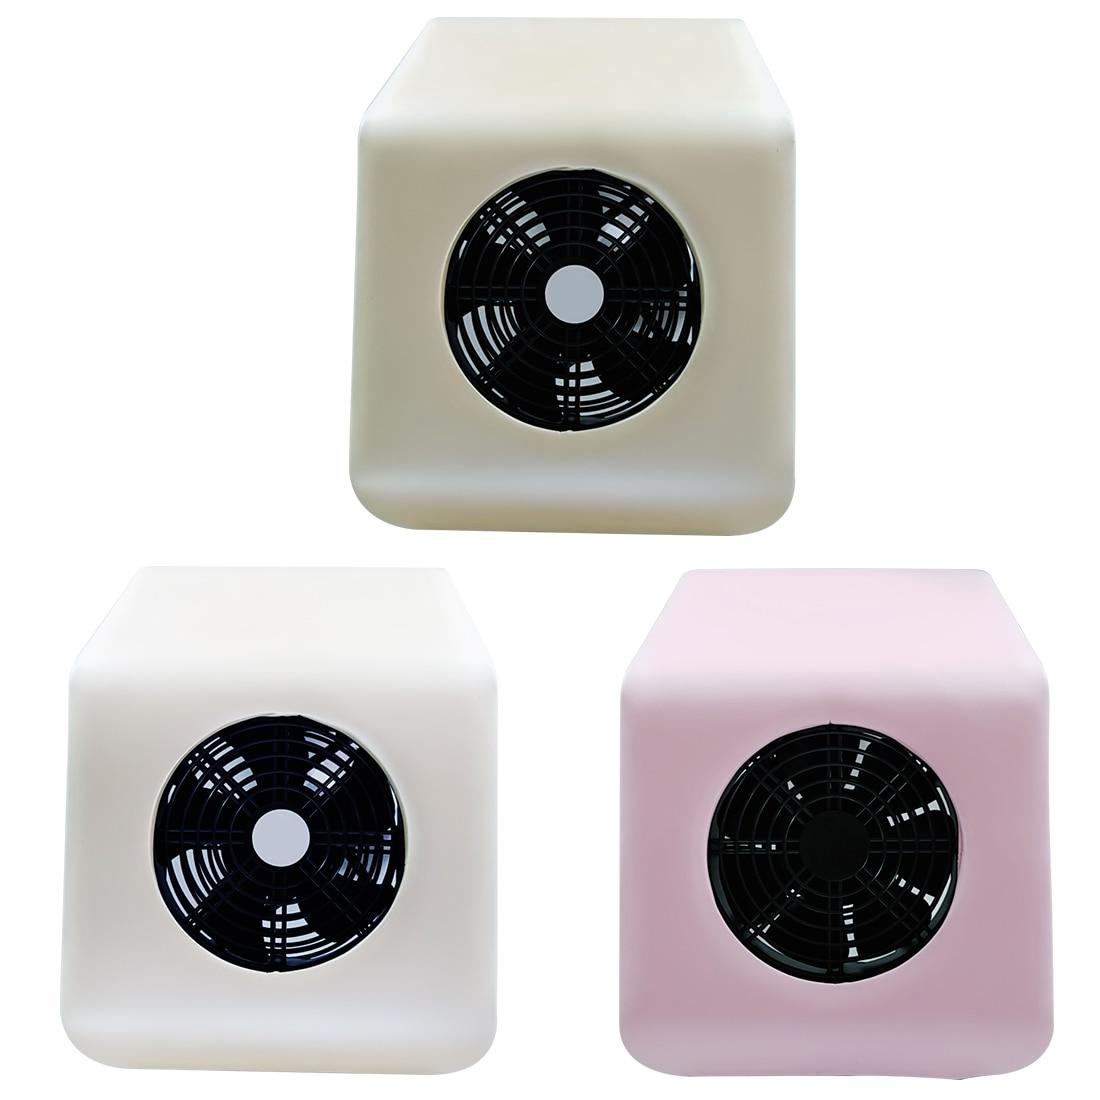 Haute Qualité 220 v/110 v Nail Collecteur de Poussière Nail Fan Acrylique UV Gel Sèche Linge Art Salon Aspiration collecteur de poussière Vide 30 w